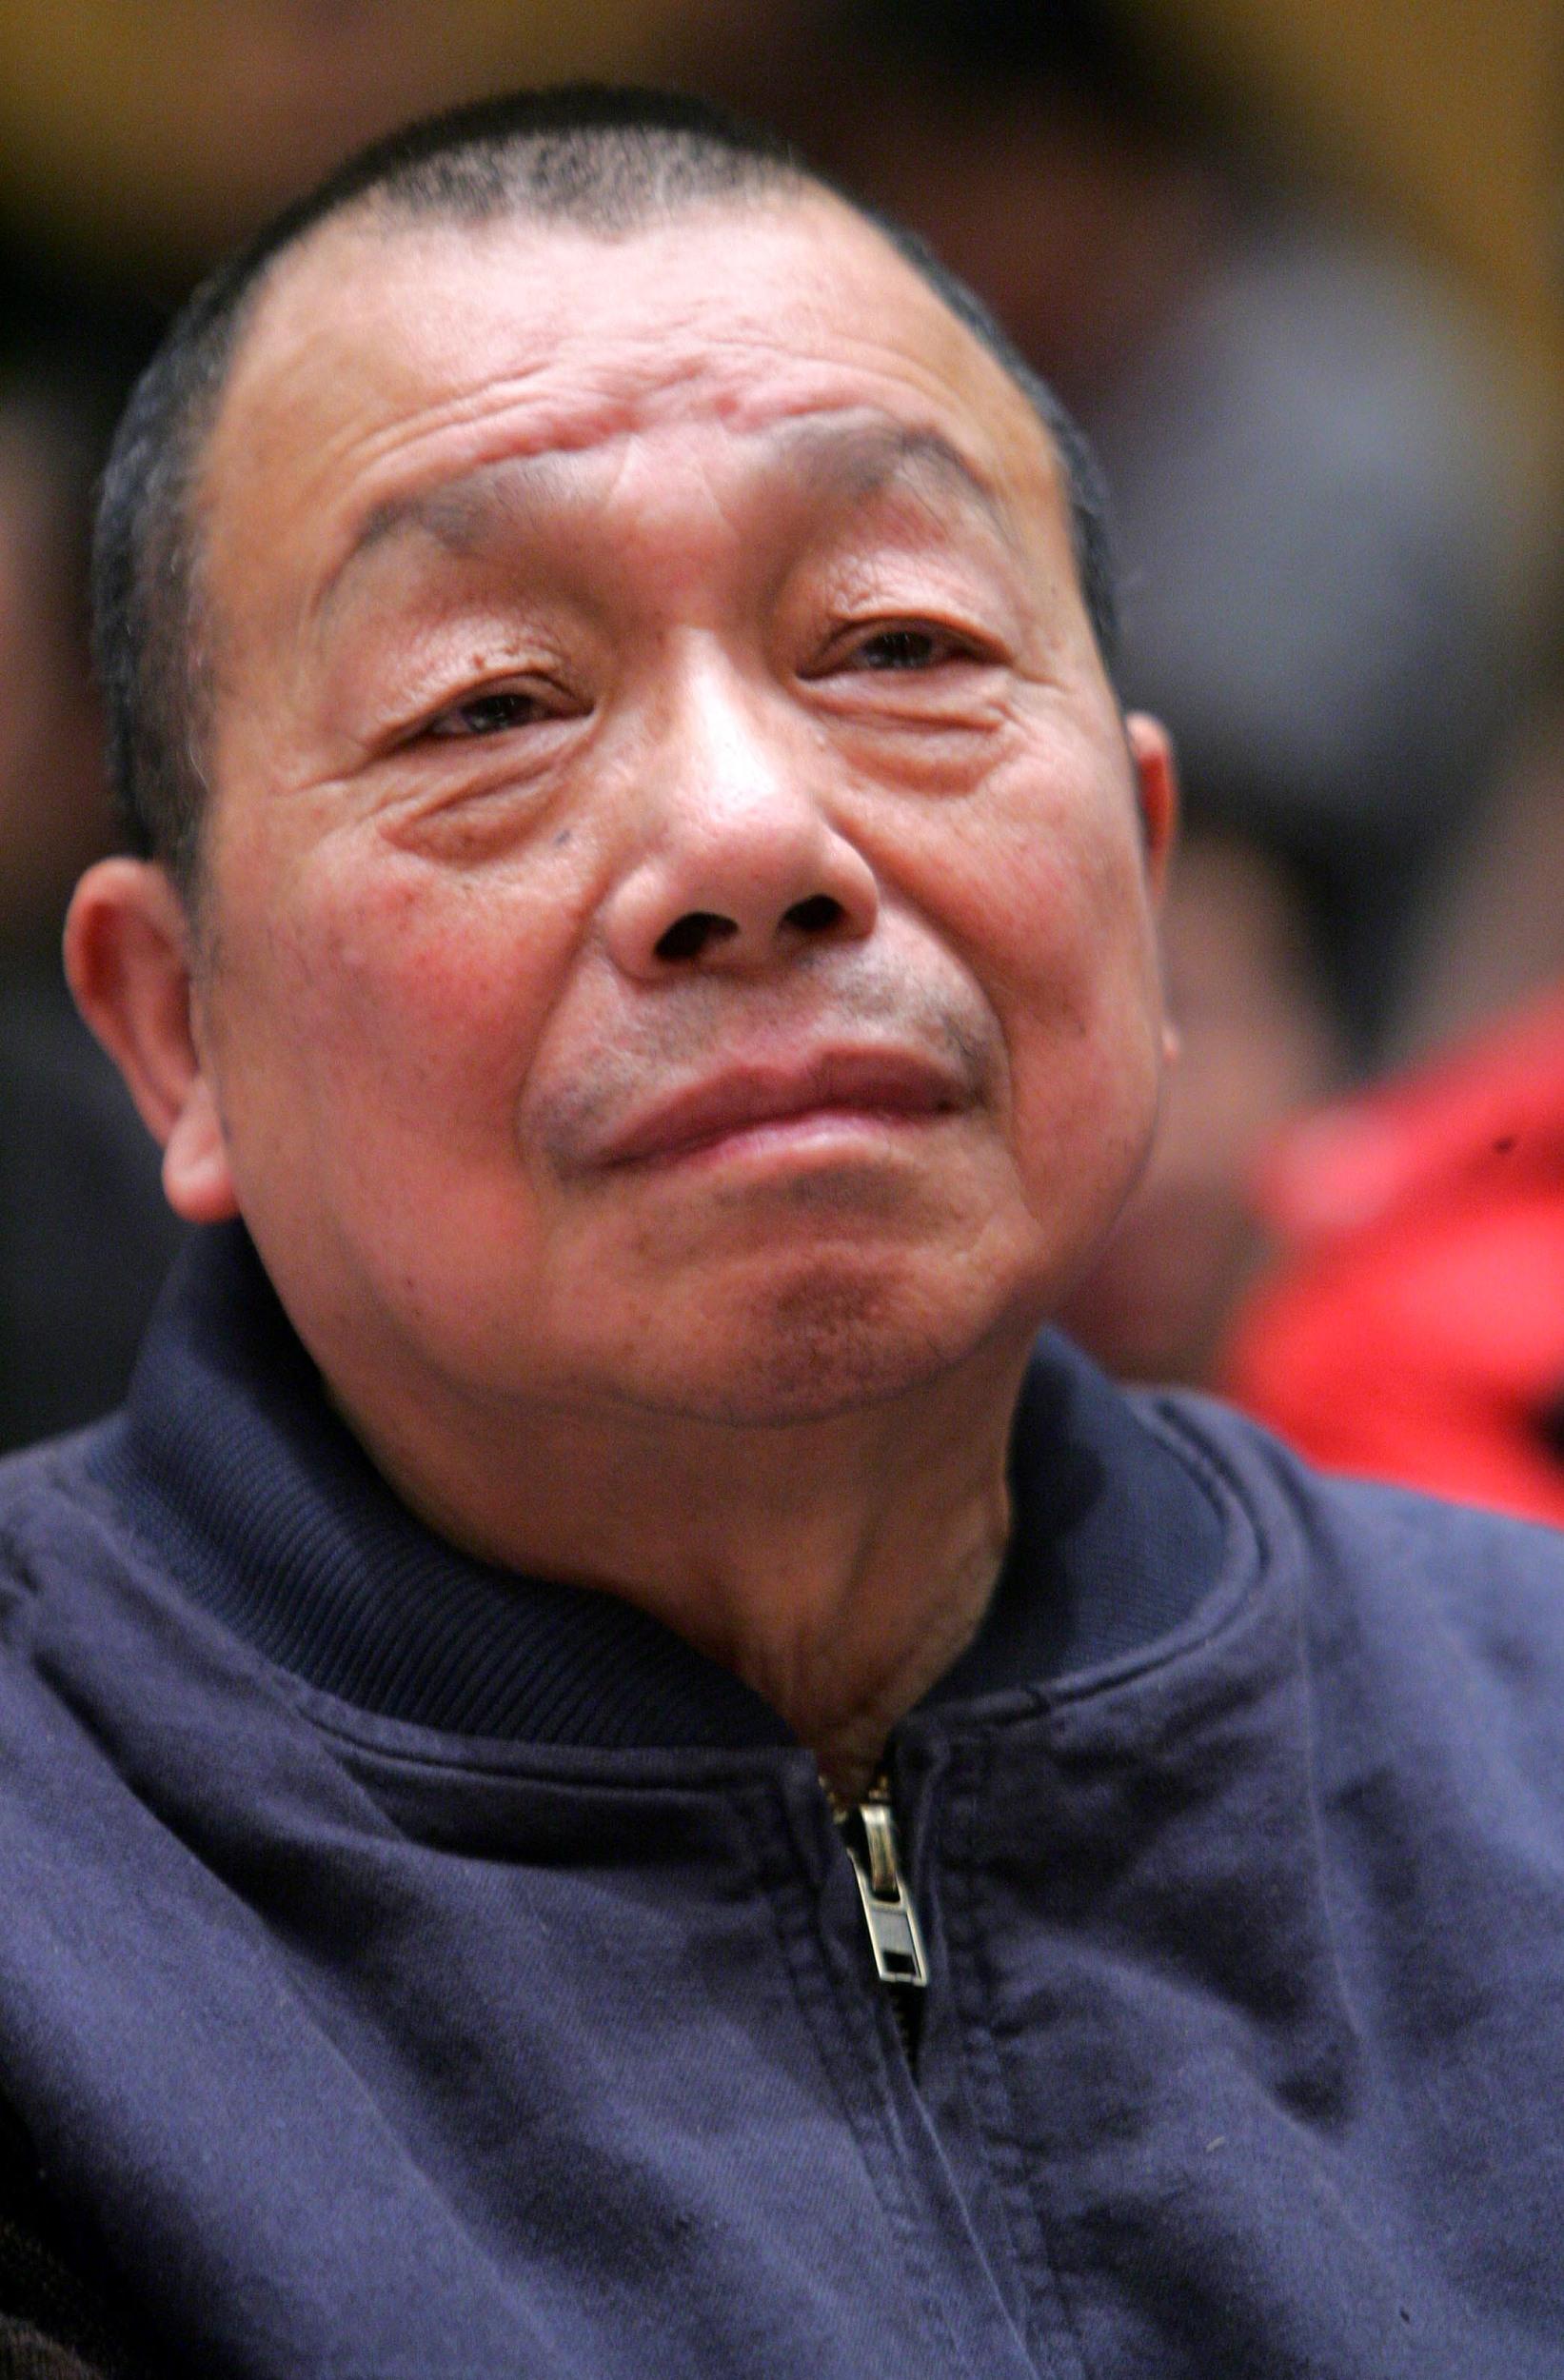 出版人沈昌文去世享年90岁 曾长期执掌知名文化杂志《读书》 最新热点 第1张